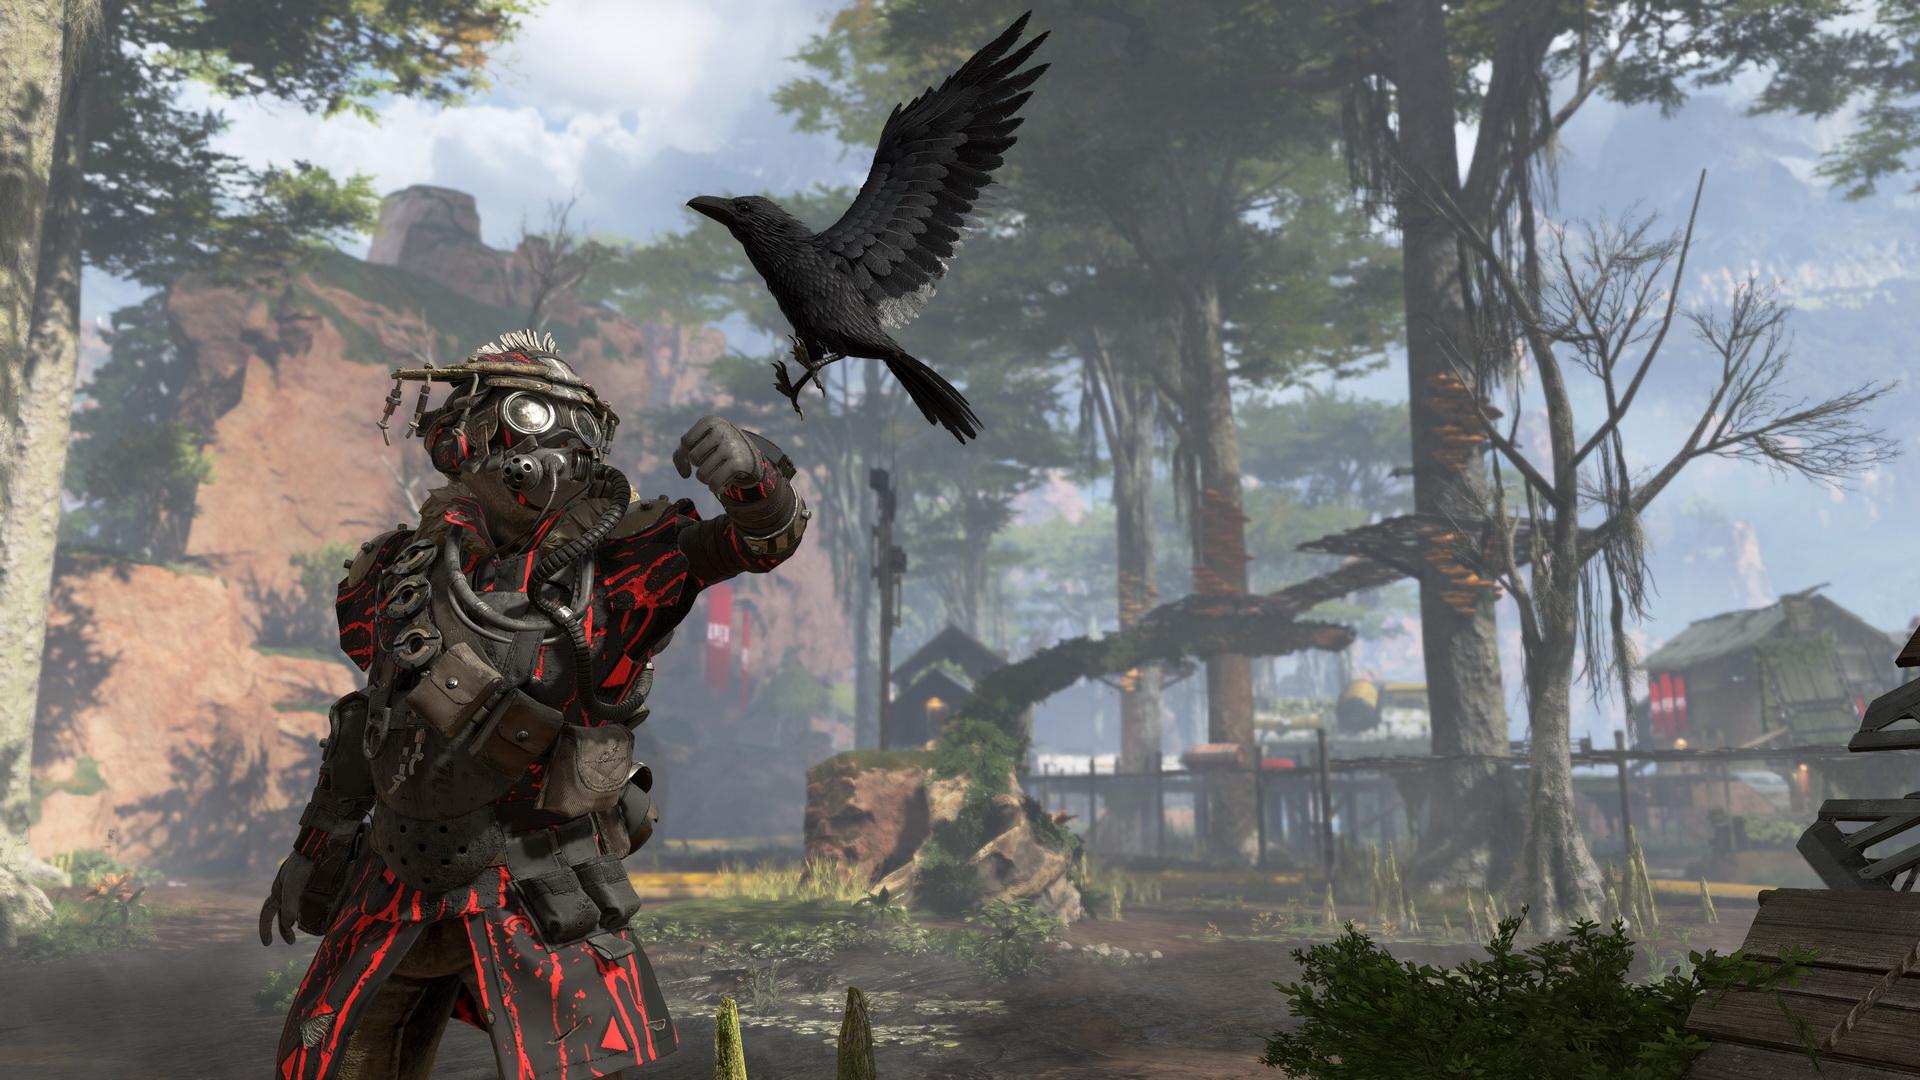 Режим от третьего лица и ночная карта — в Apex Legends появится 7 новых режимов